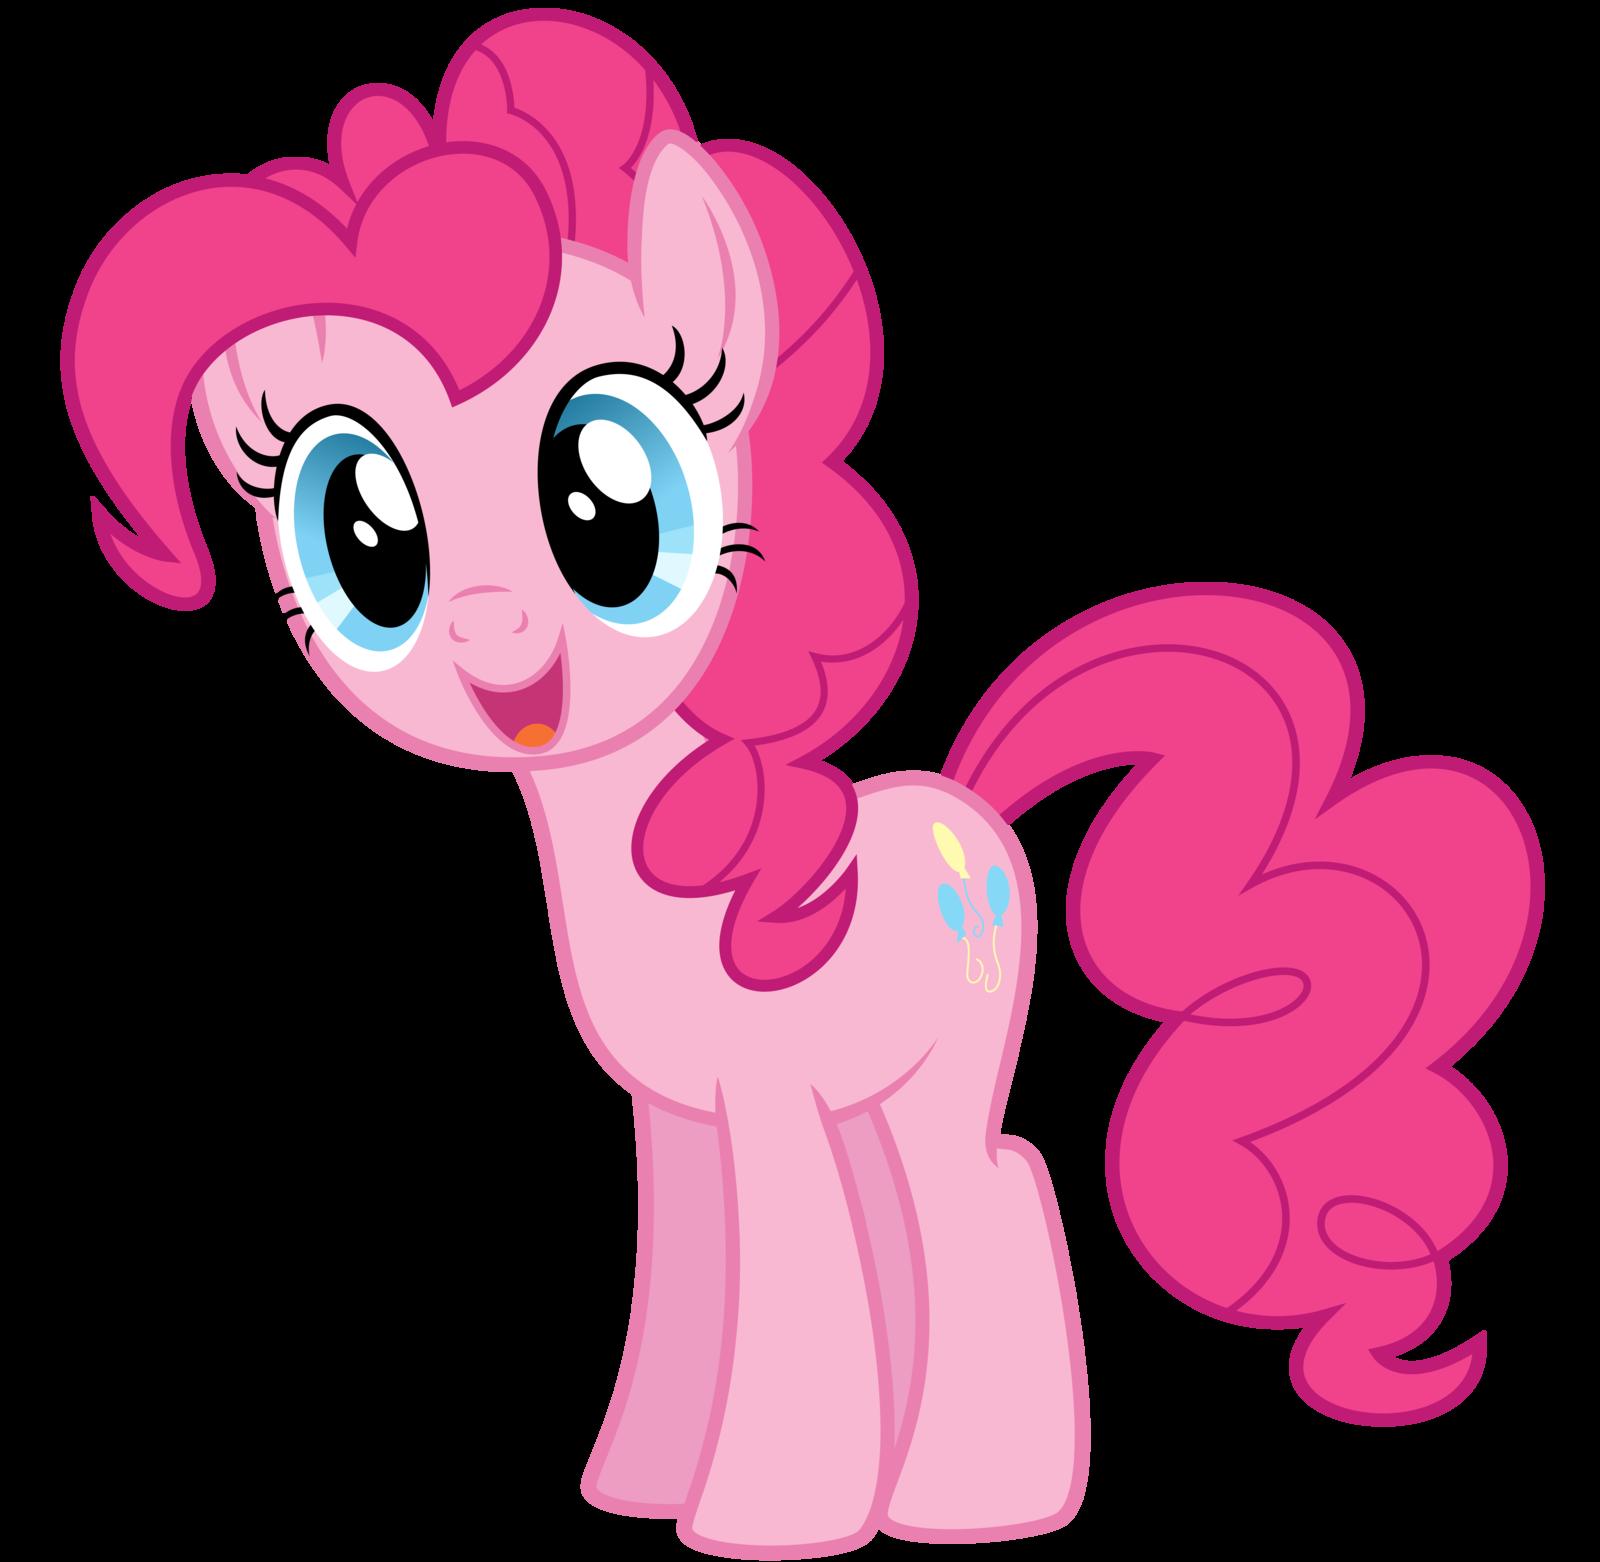 Pinkie pie wikia my little pony fans fandom powered by - My little pony wikia ...